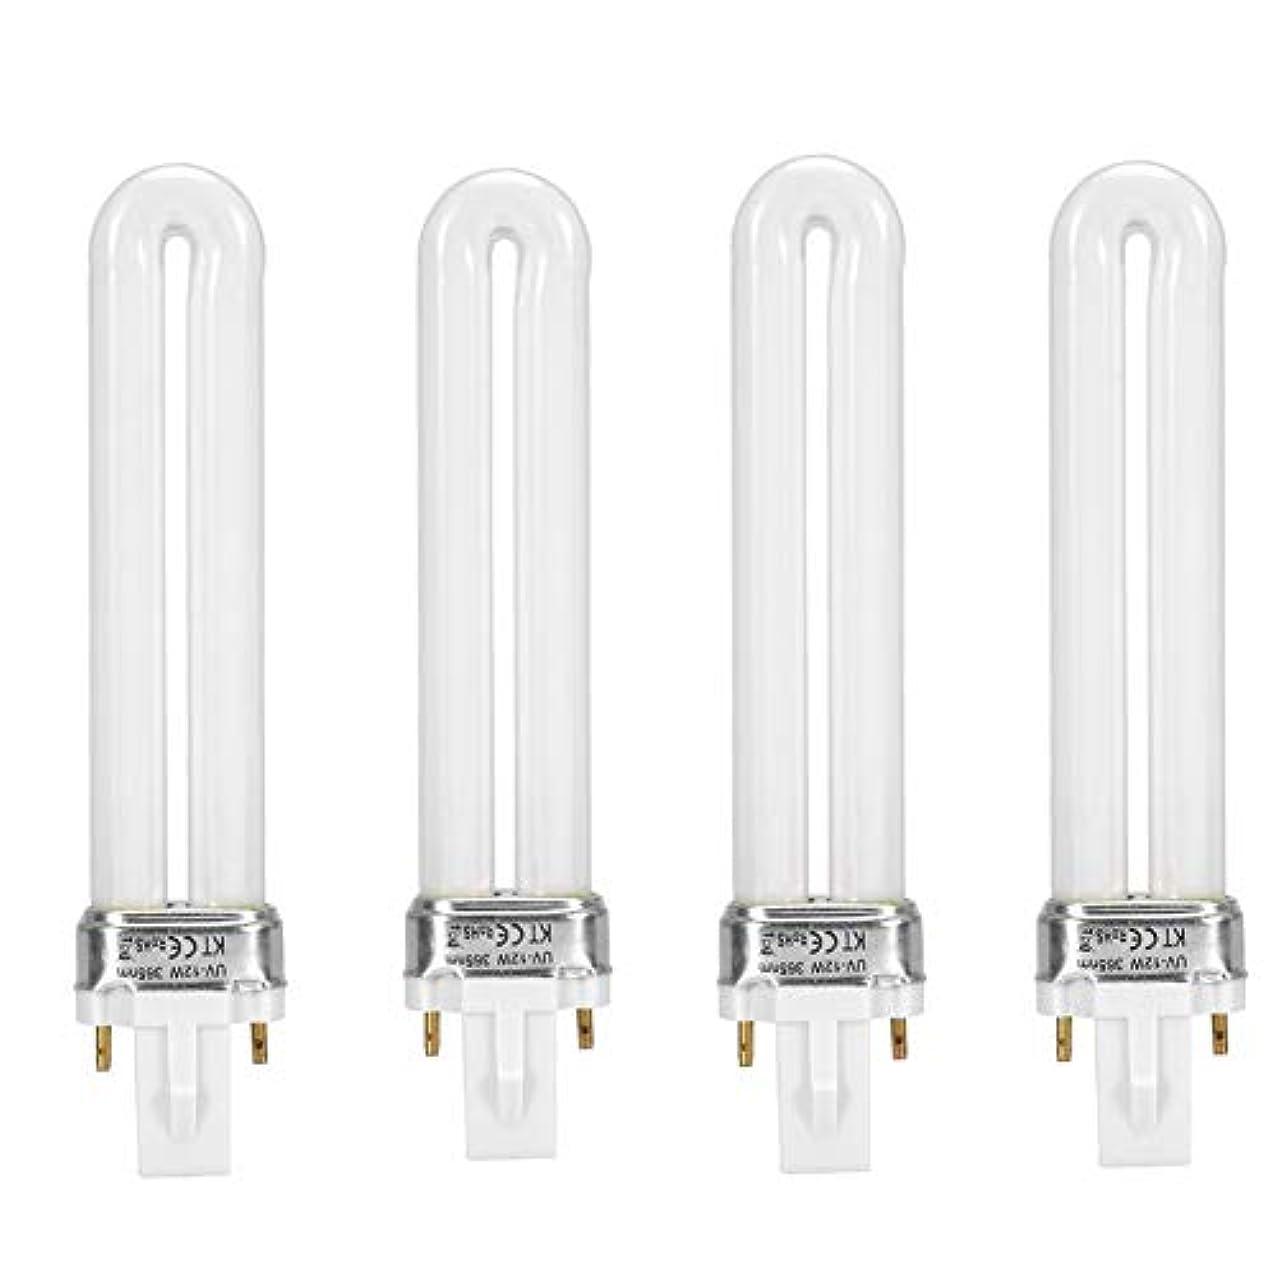 不変スナッチ土UVライト 交換用電球 UVランプ 4本セット